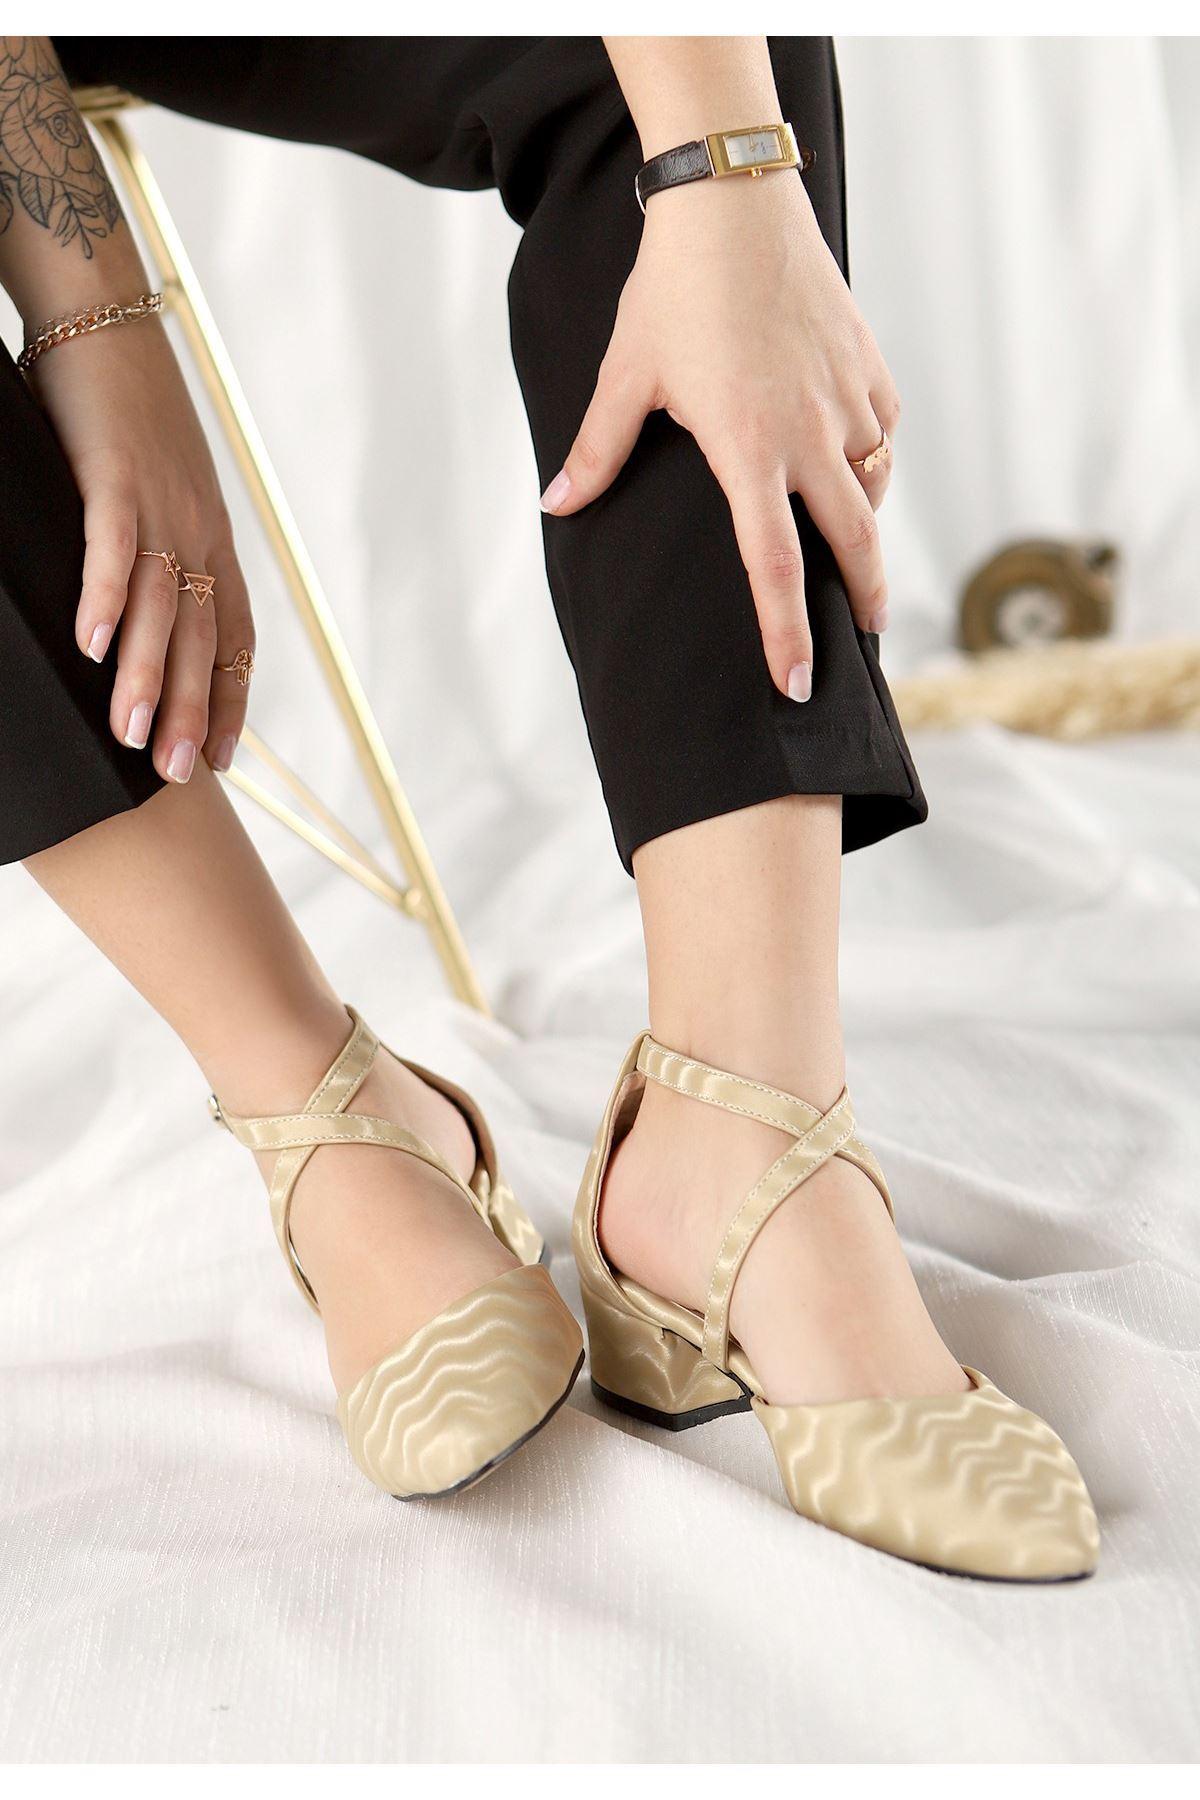 Toju Krem Süet Desenli Topuklu Ayakkabı